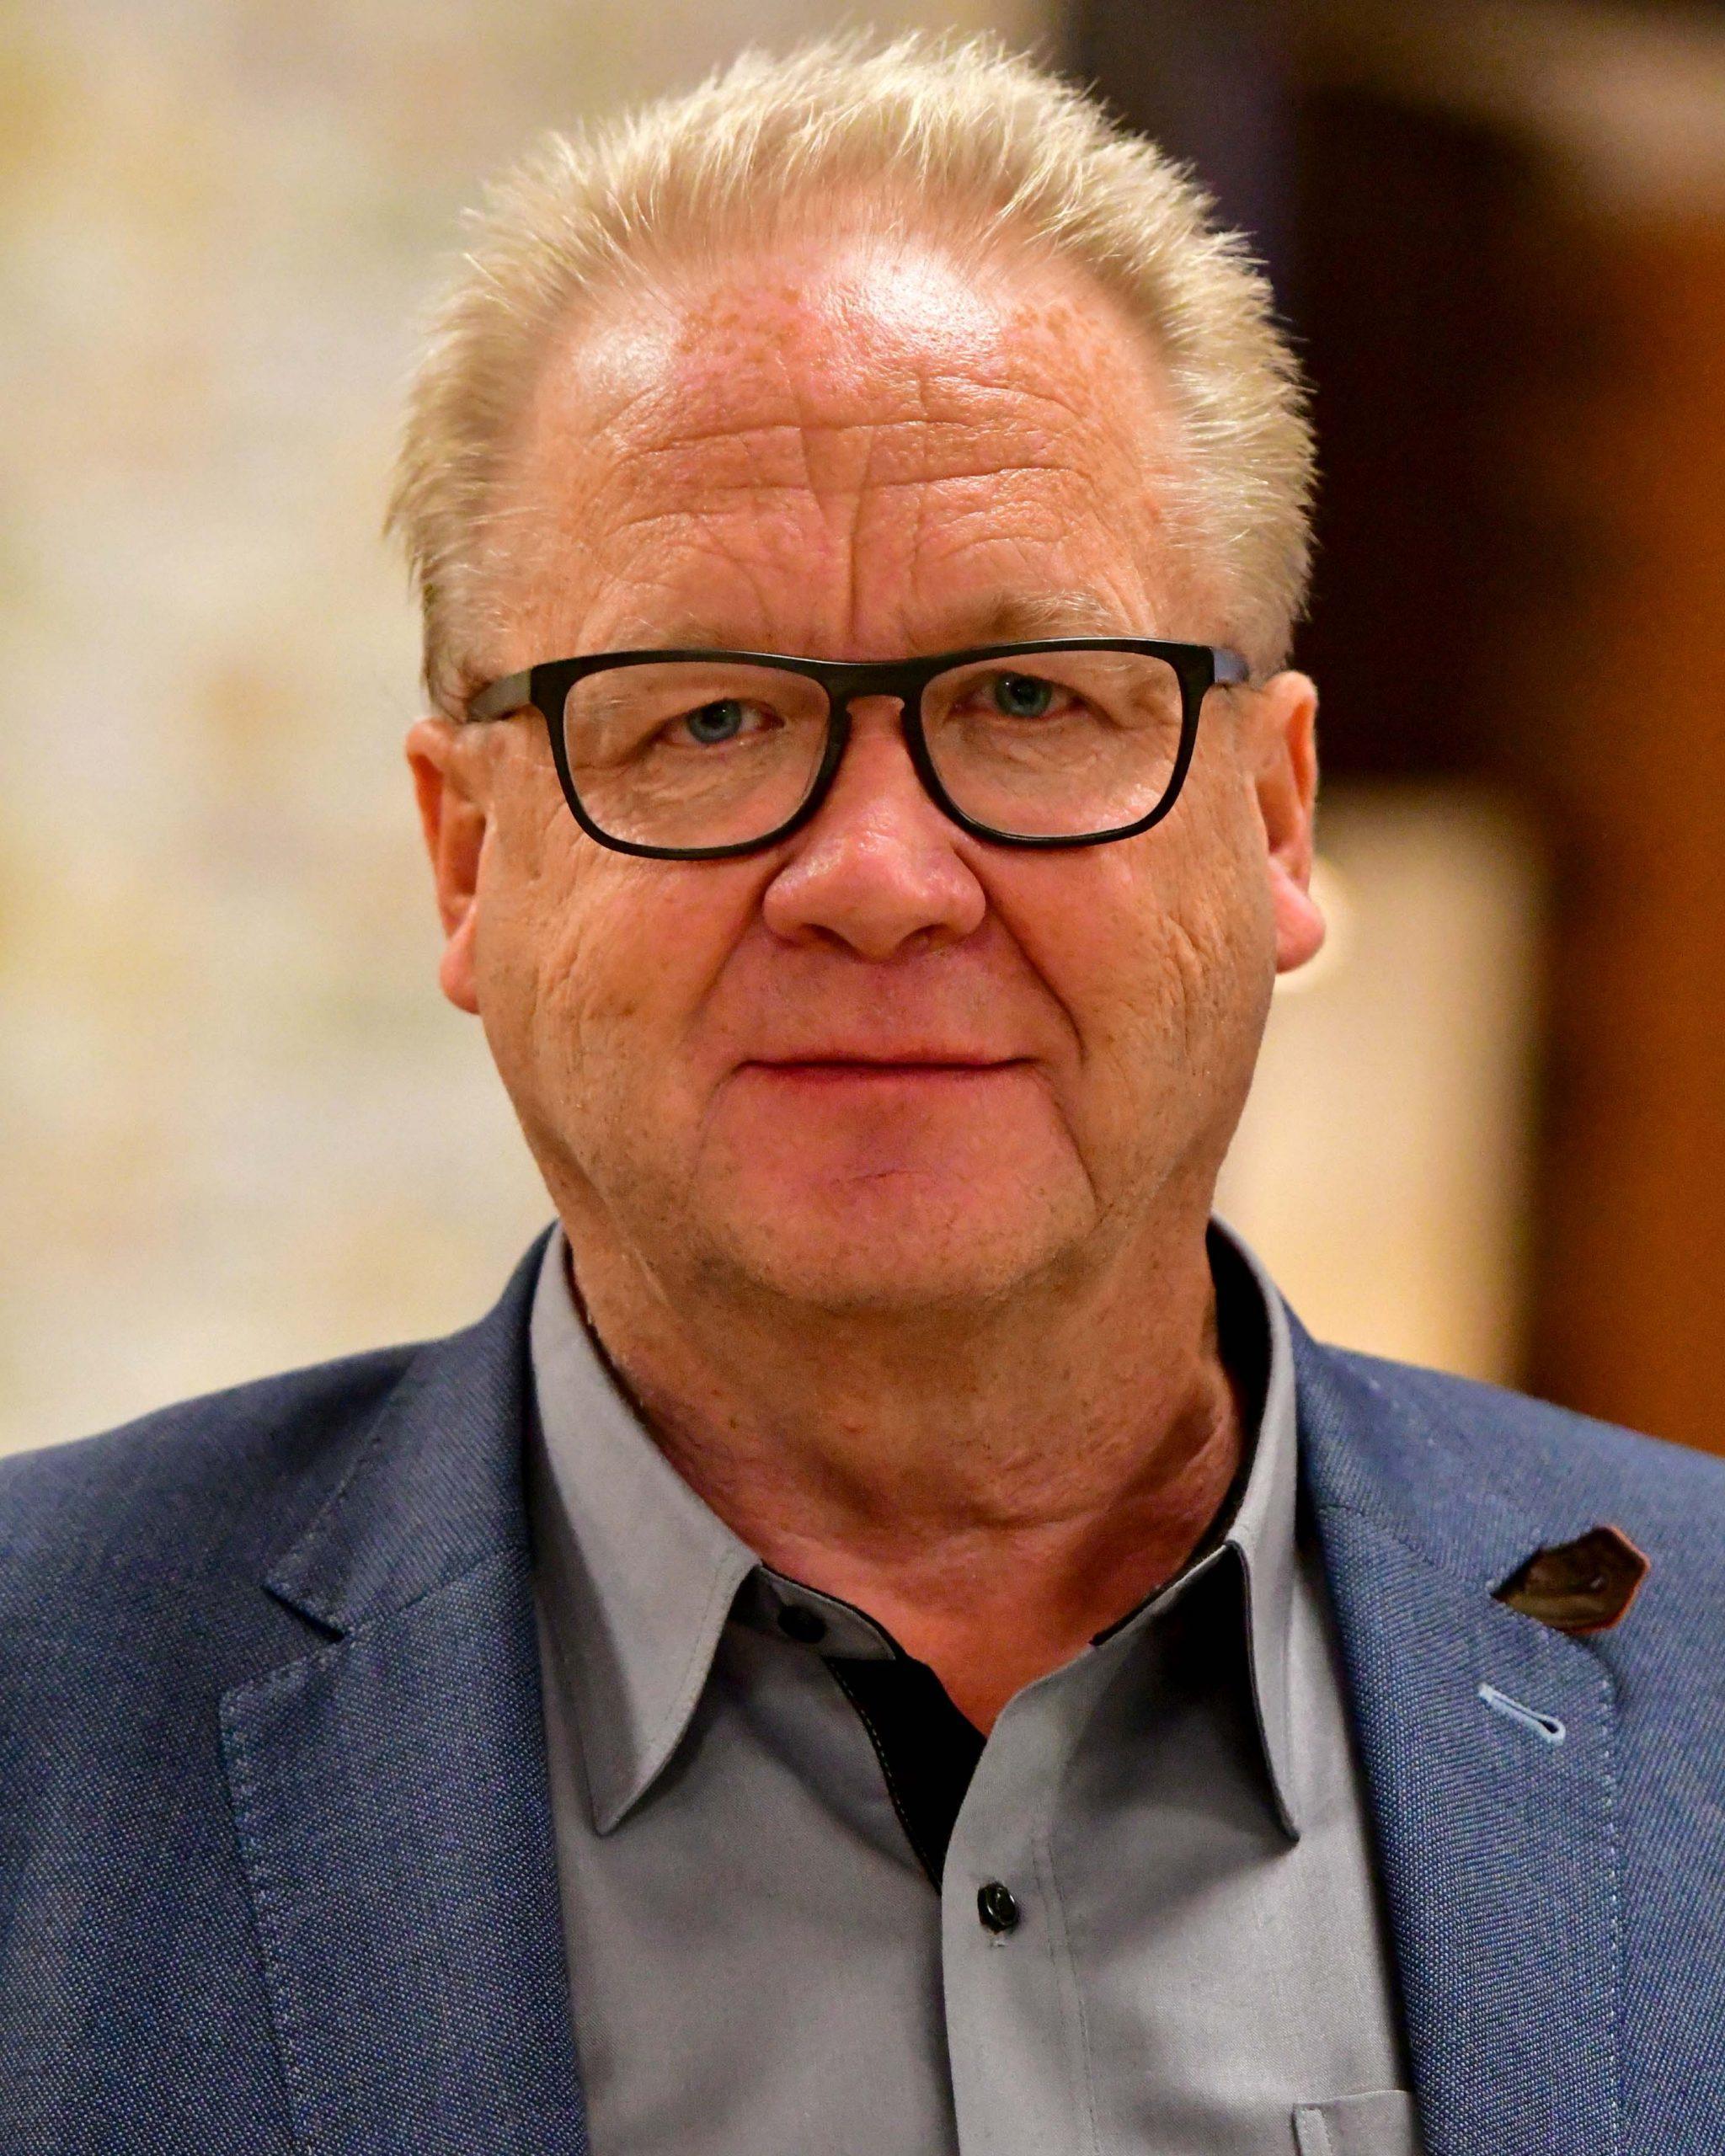 Bernth Rönnberg